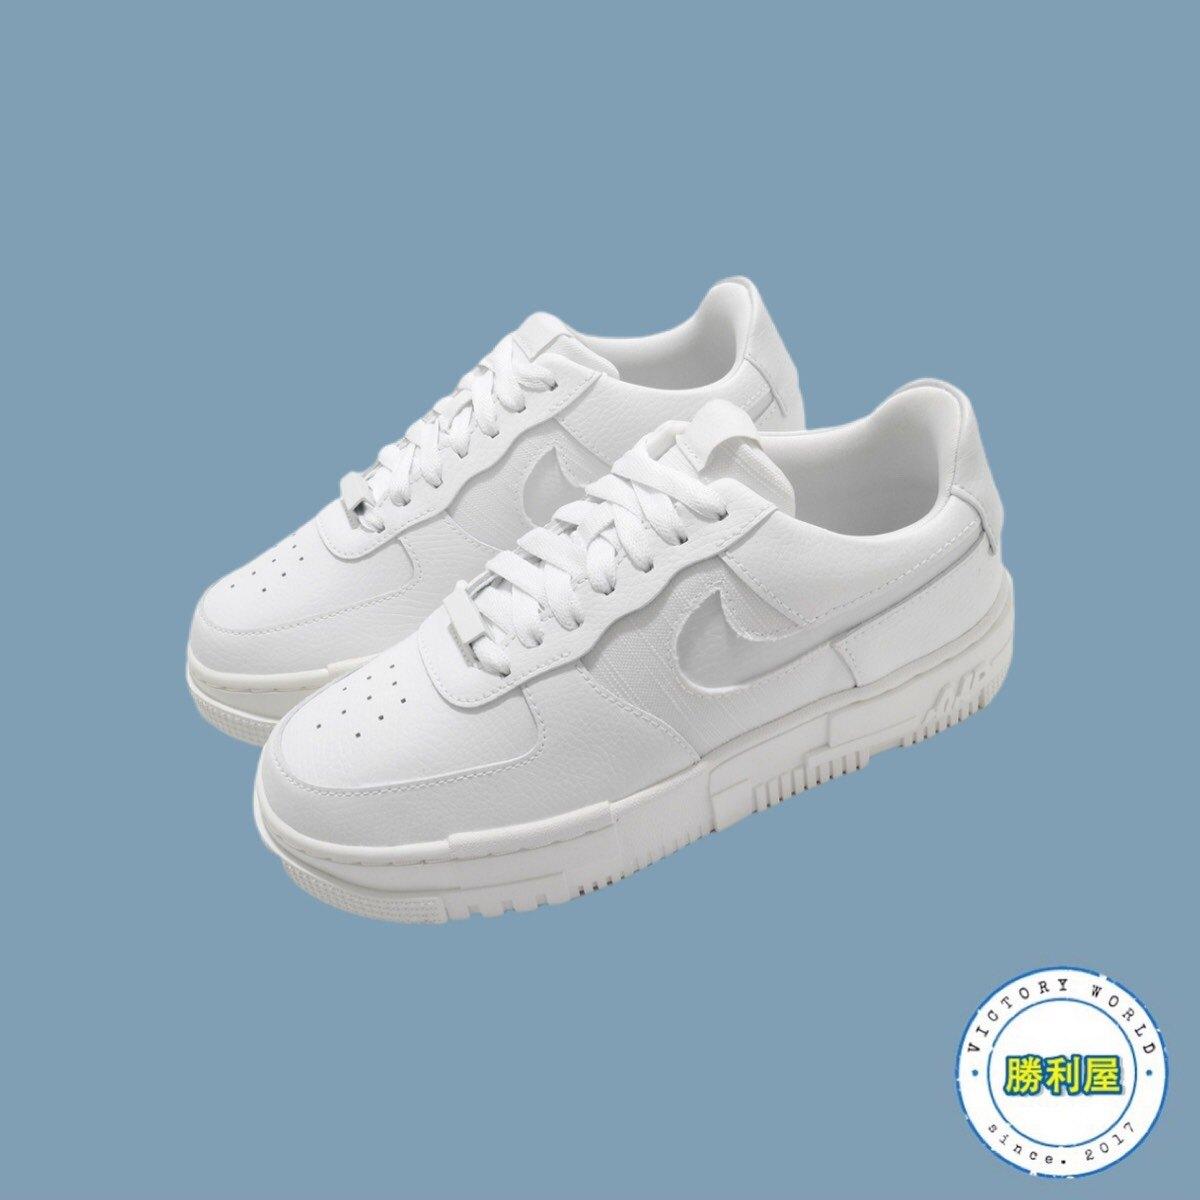 【滿額現折300】【NIKE】WMS AIR FORCE PIXEL 女鞋 休閒鞋 全白 結構鞋 厚底 熱門款 CK6649-102【勝利屋】